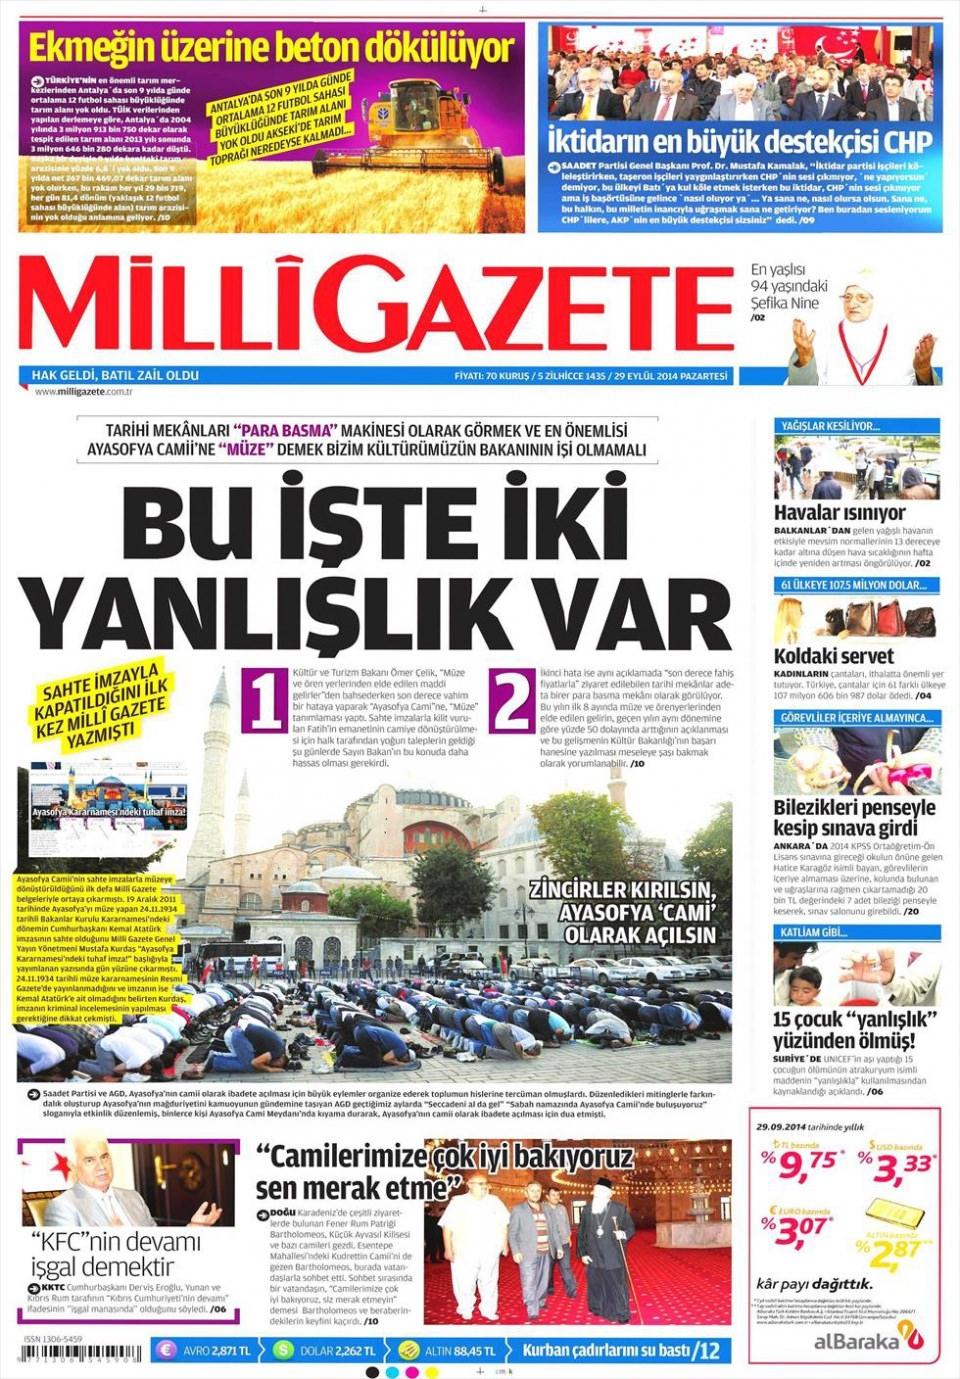 29 Eylül 2014 gazete manşetleri 12